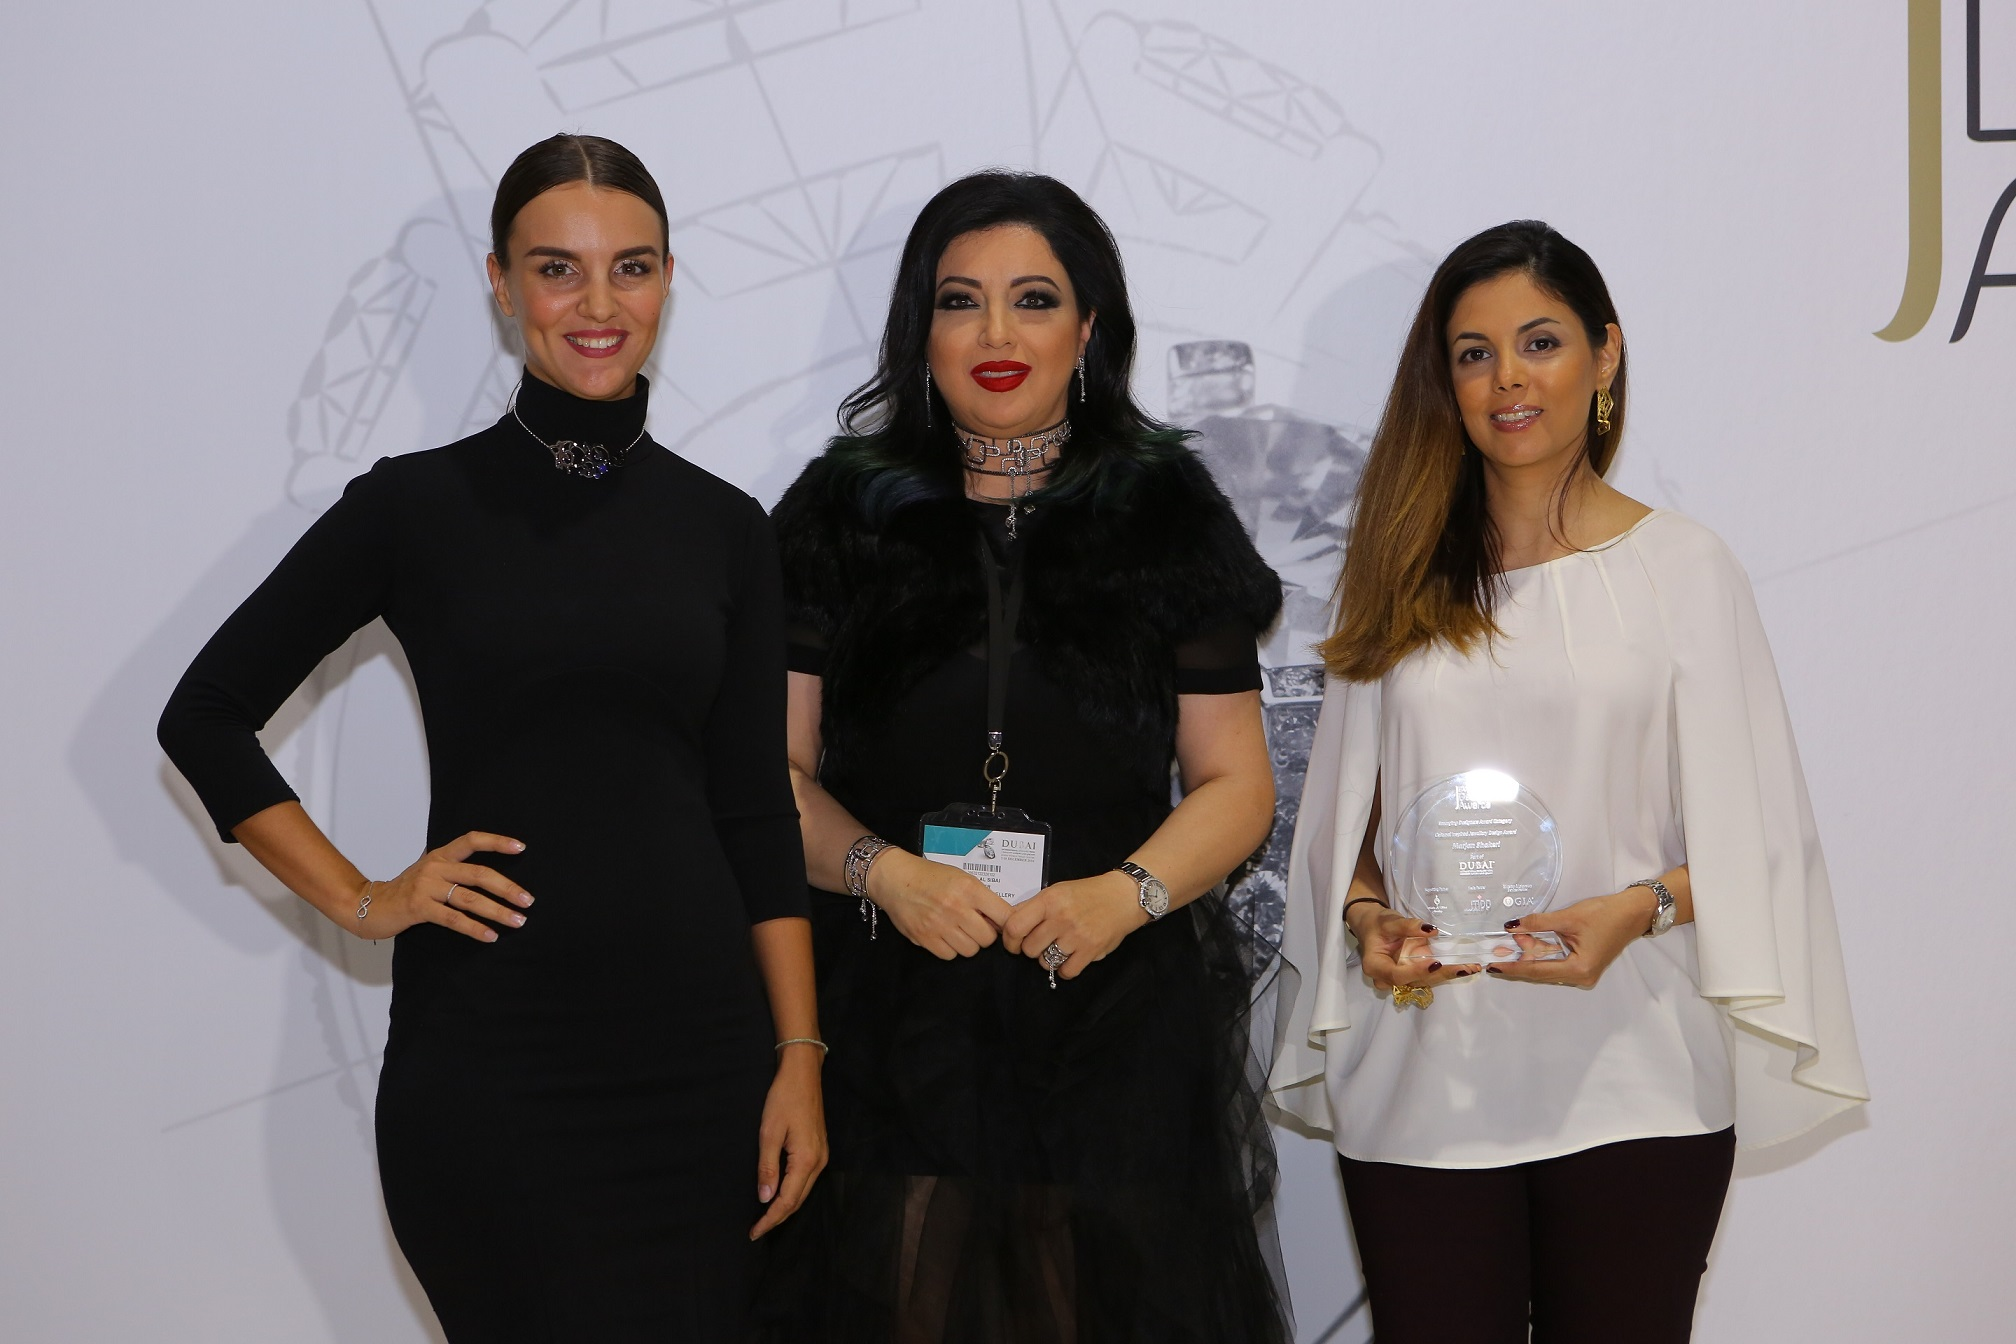 صورة بالصور اسبوع دبي للمجوهرات و المصممة مها السباعي تكرم الفائزين